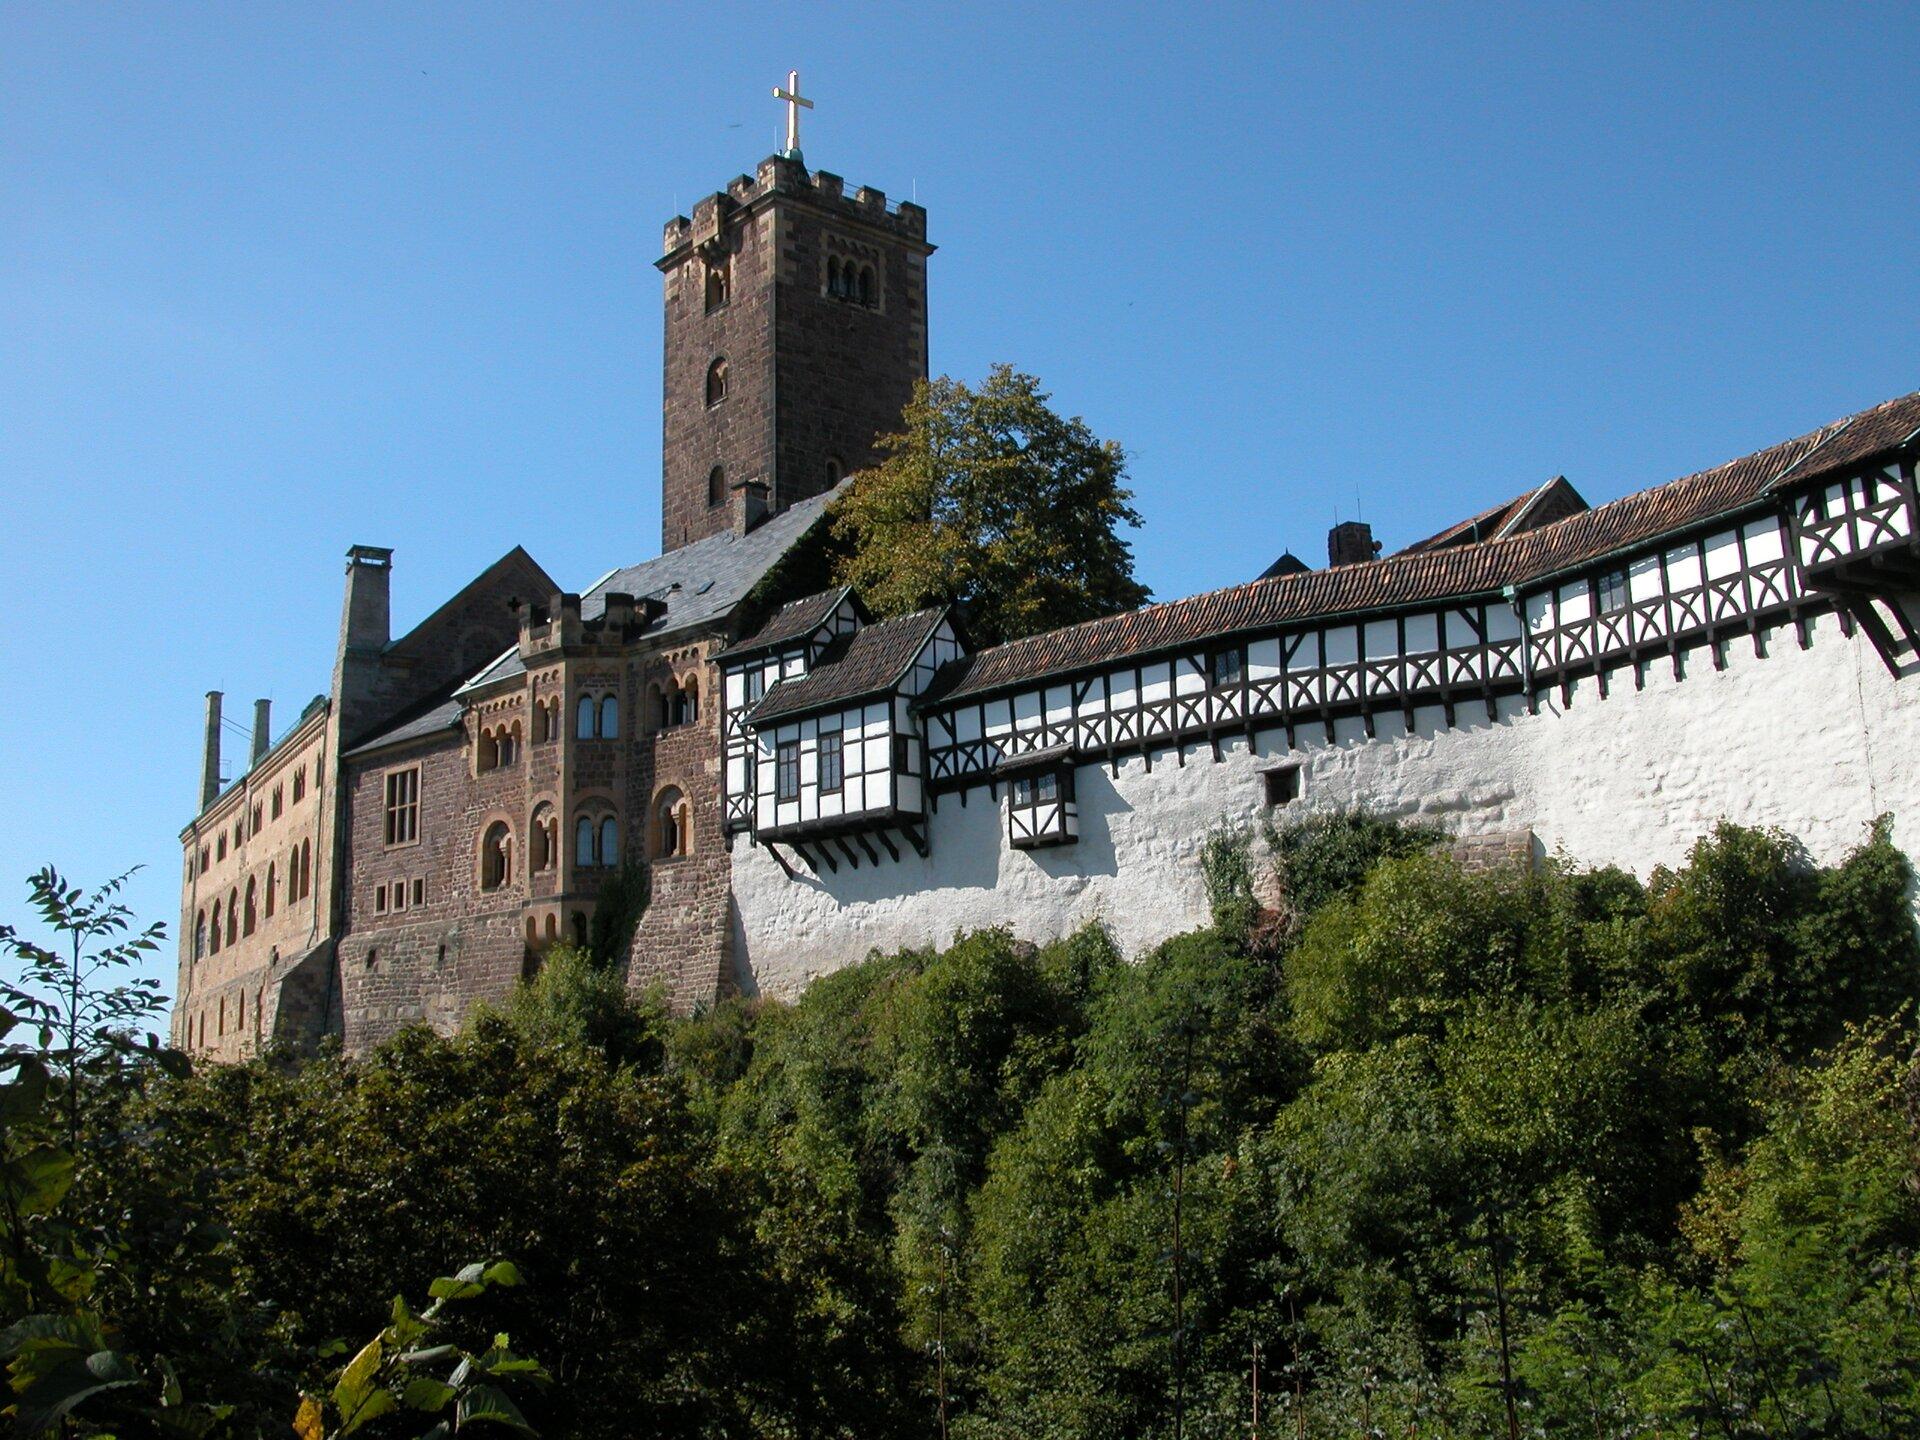 Zamek wWartburgu Zamek wWartburgu Źródło: Wikimedia Commons, licencja: CC BY-SA 2.0.